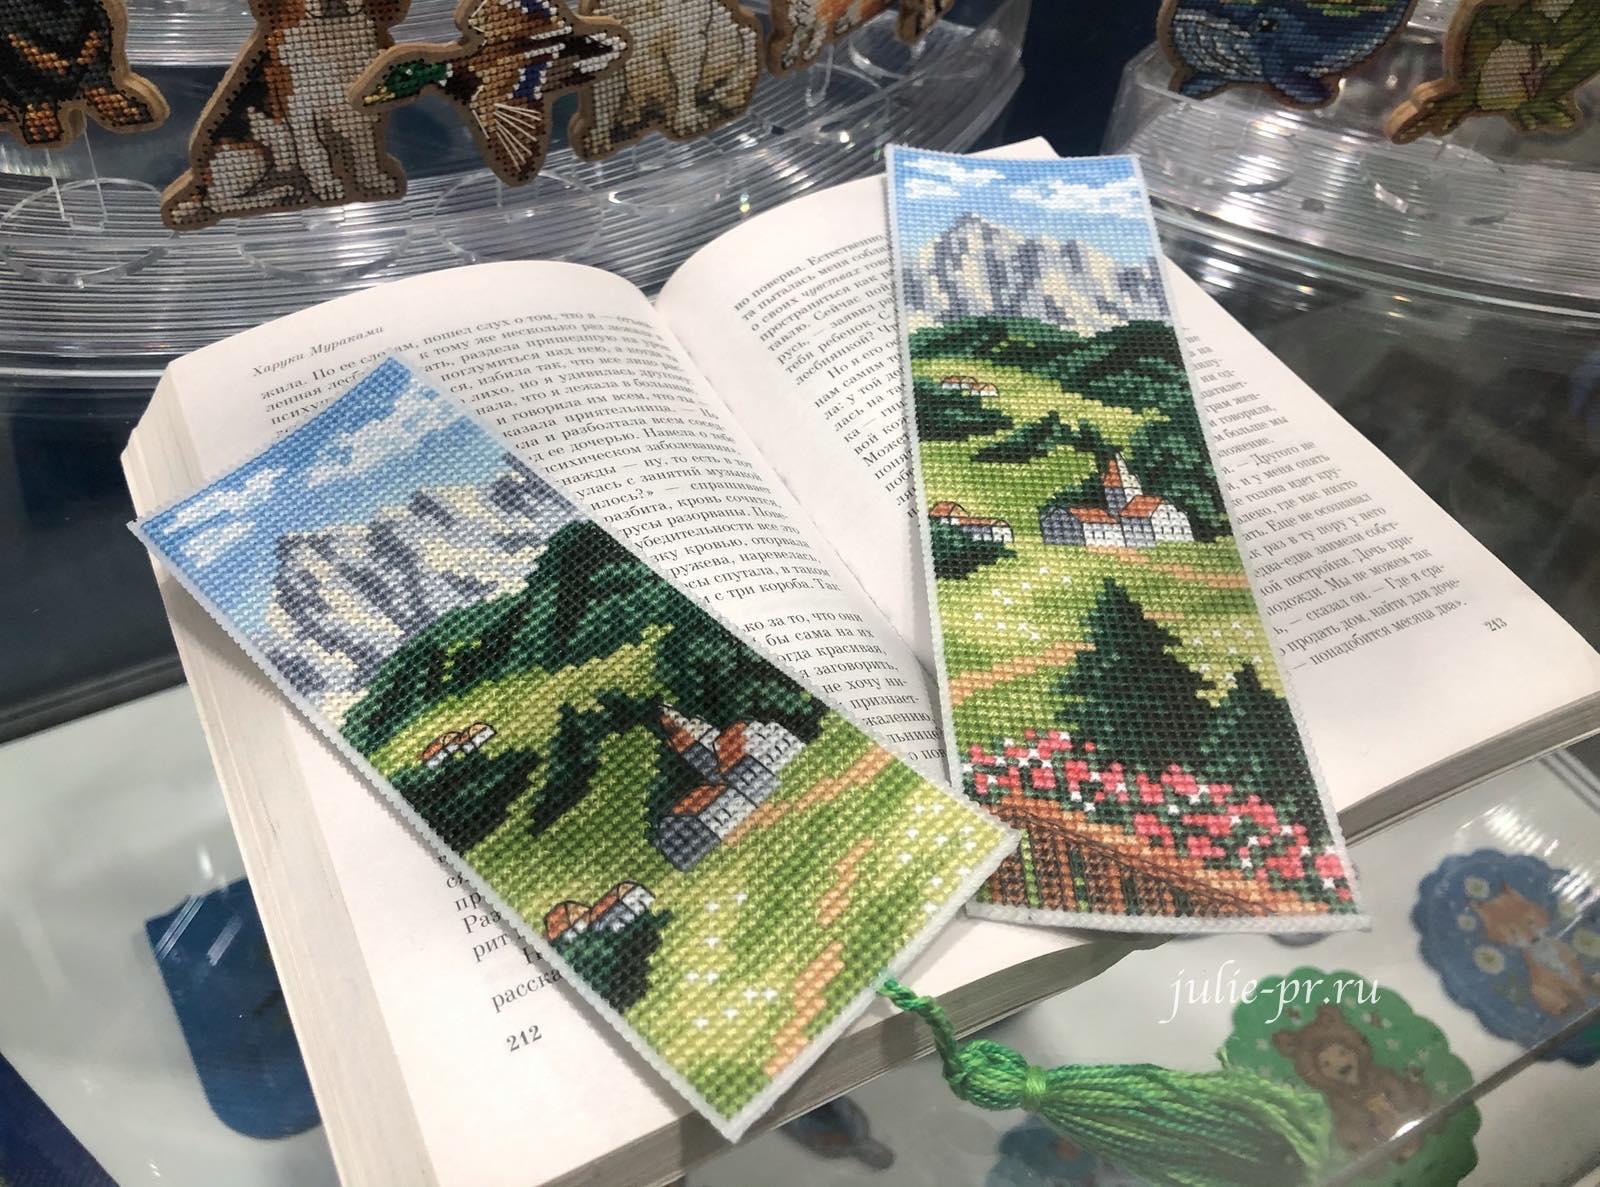 Дивная вишня, вышивка на пластиковой канве, закладка, Альпы, горы, выставка вышивки, Формула рукоделия весна 2021